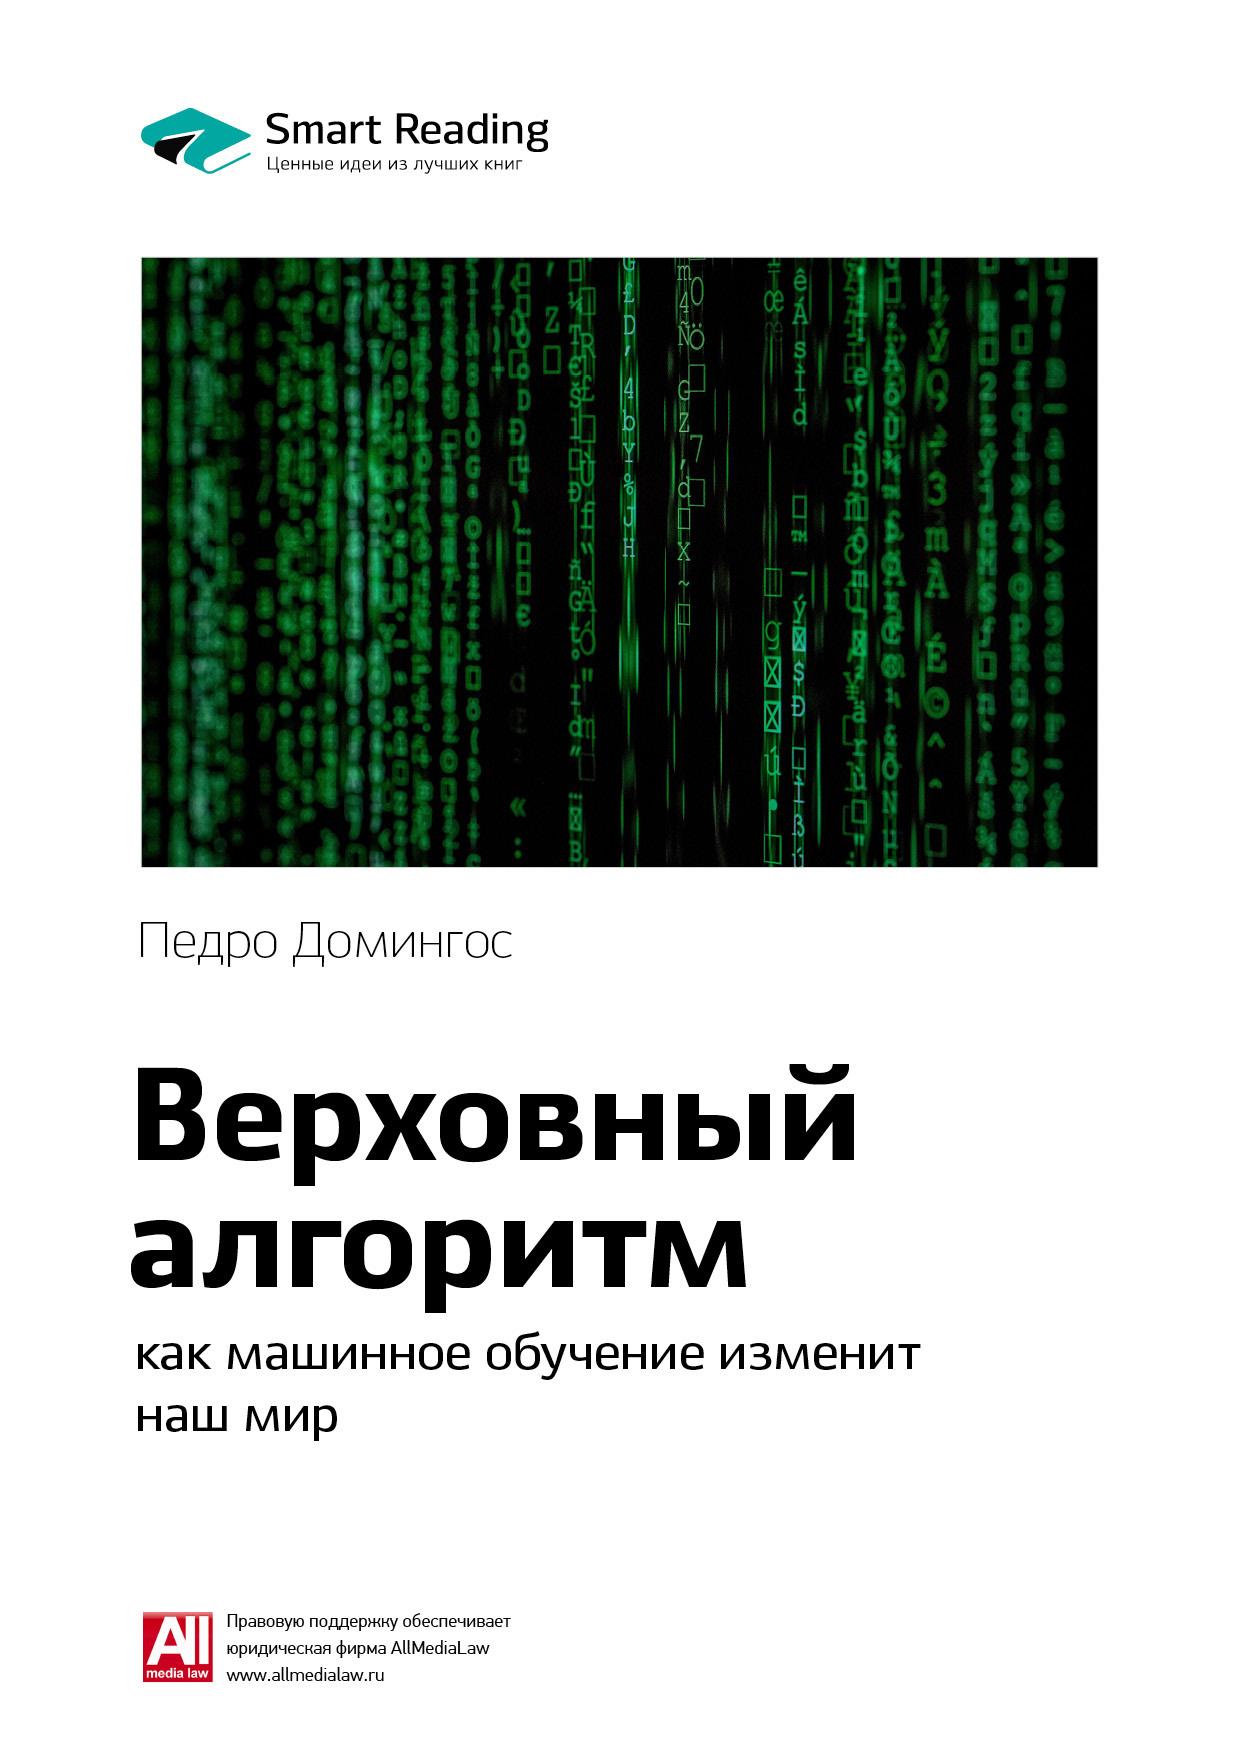 Ключевые идеи книги: Верховный алгоритм: как машинное обучение изменит наш мир. Педро Домингос